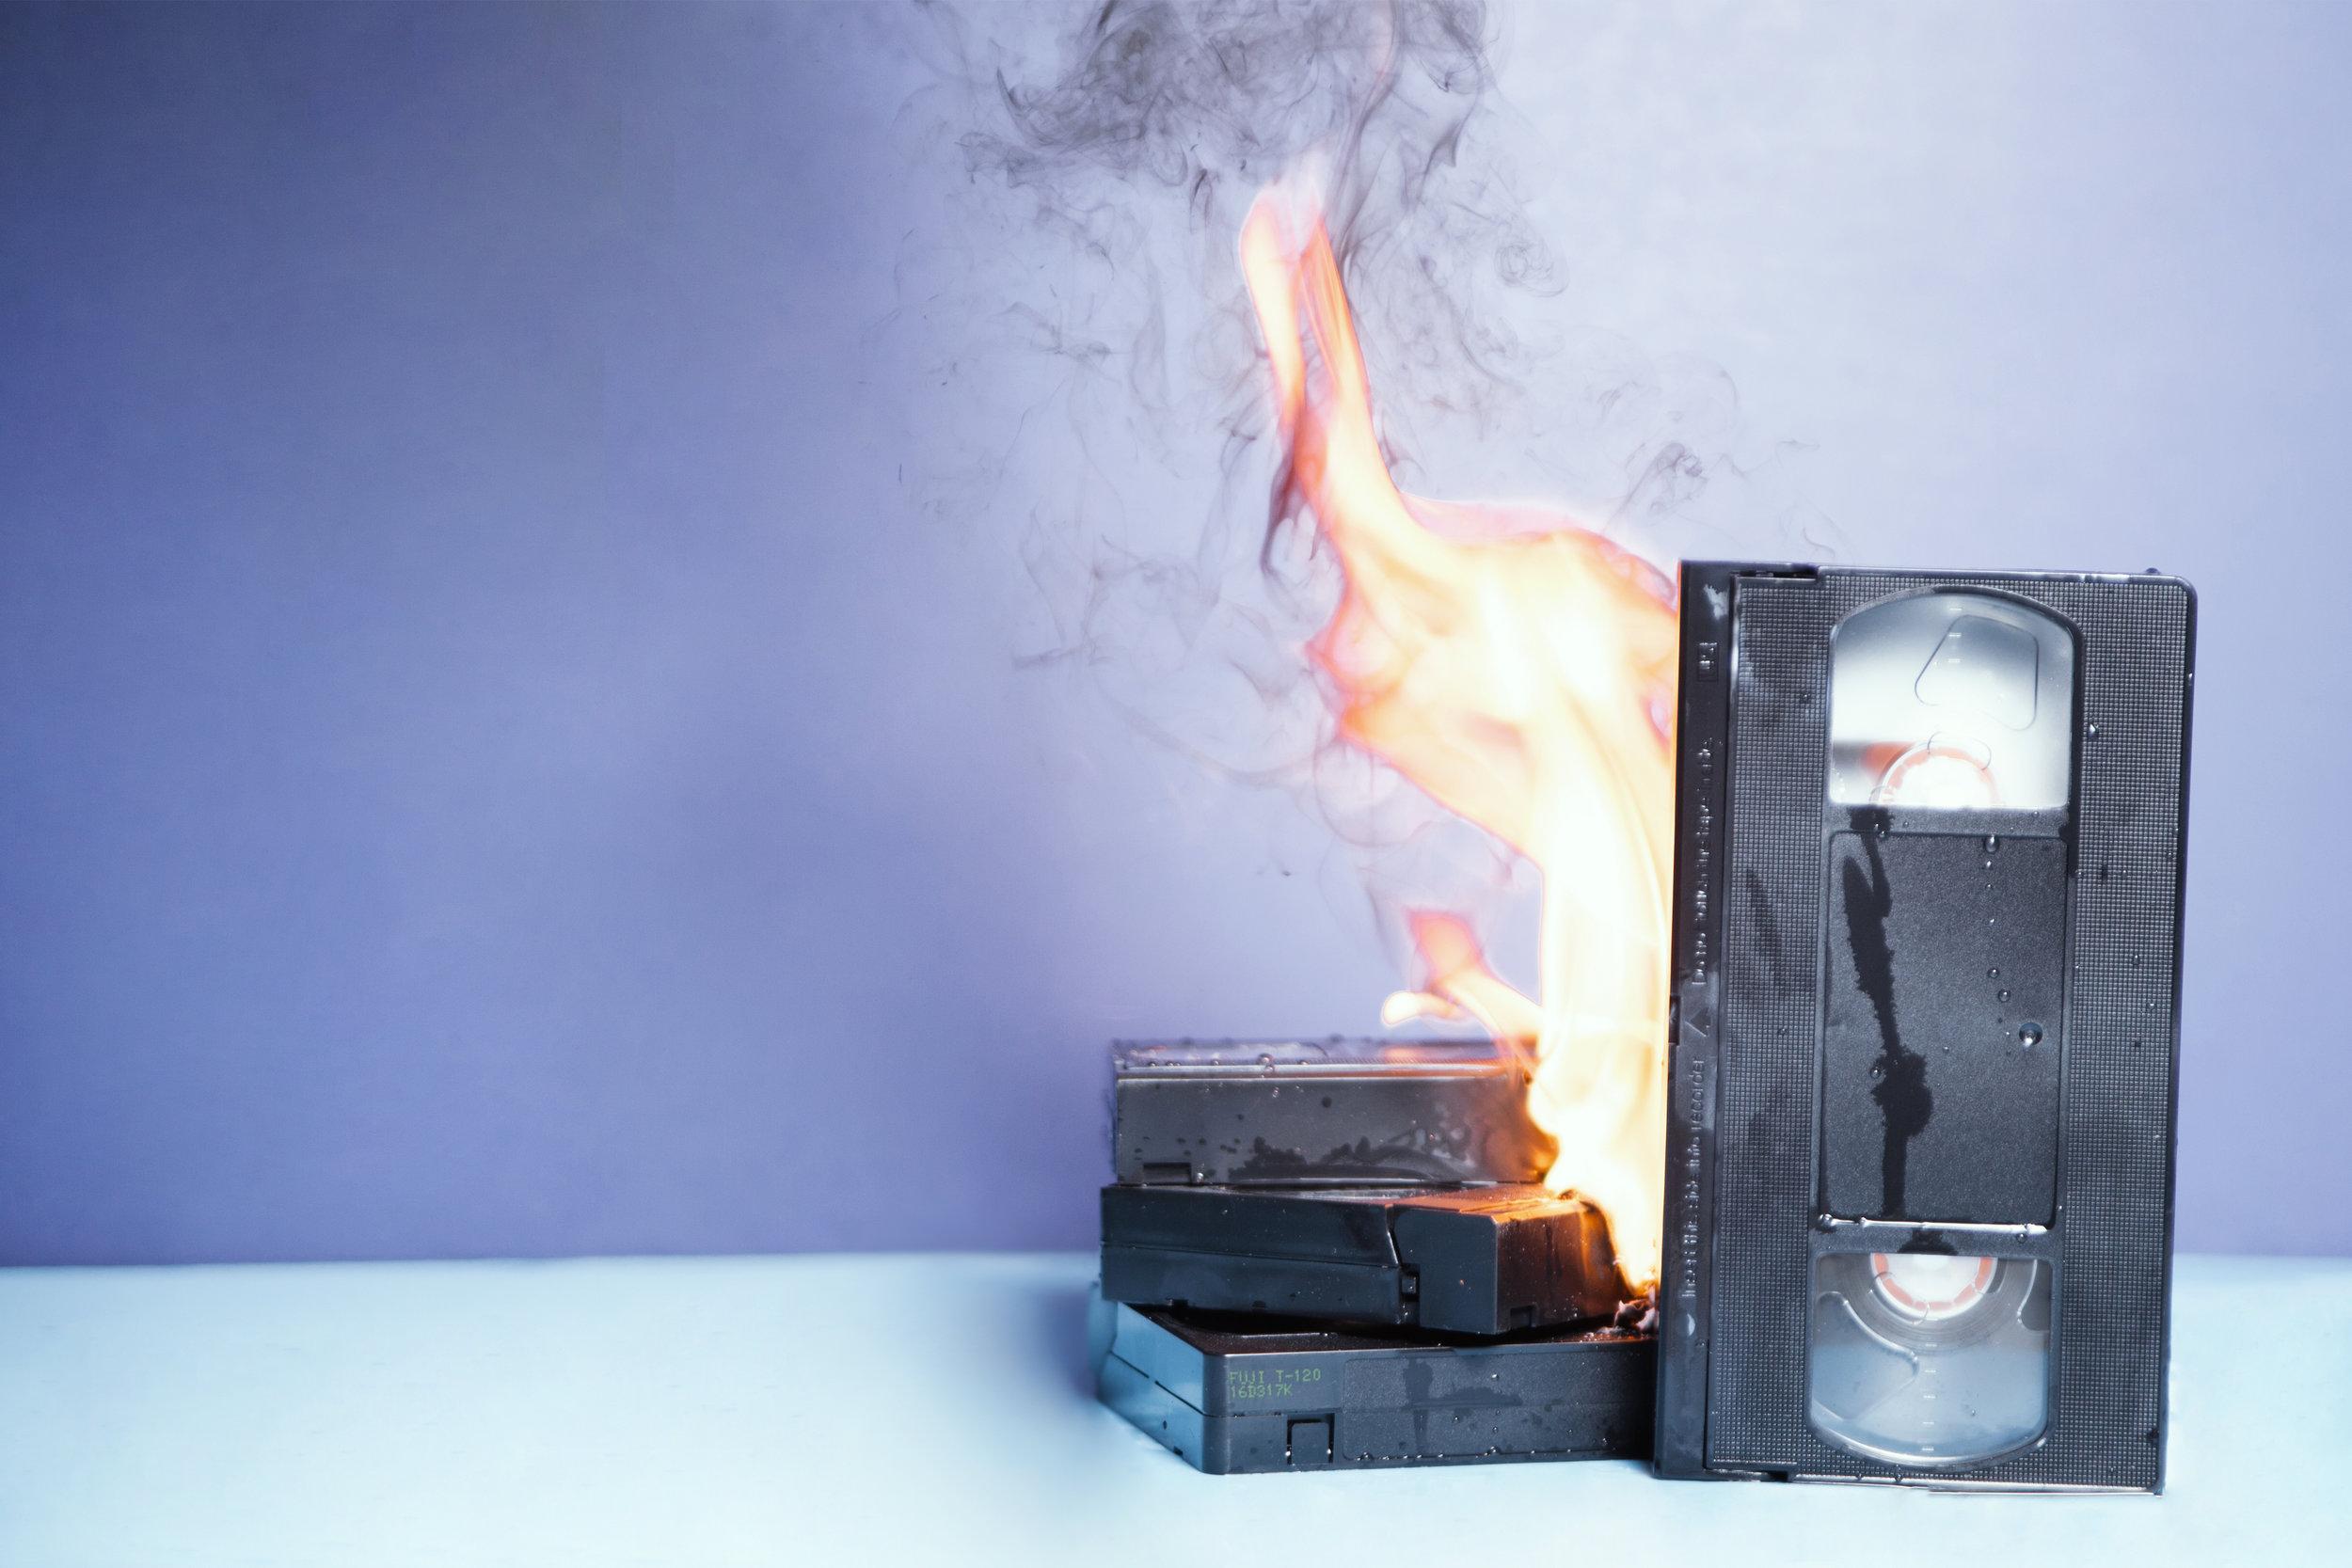 TAPE BURNING2.jpg